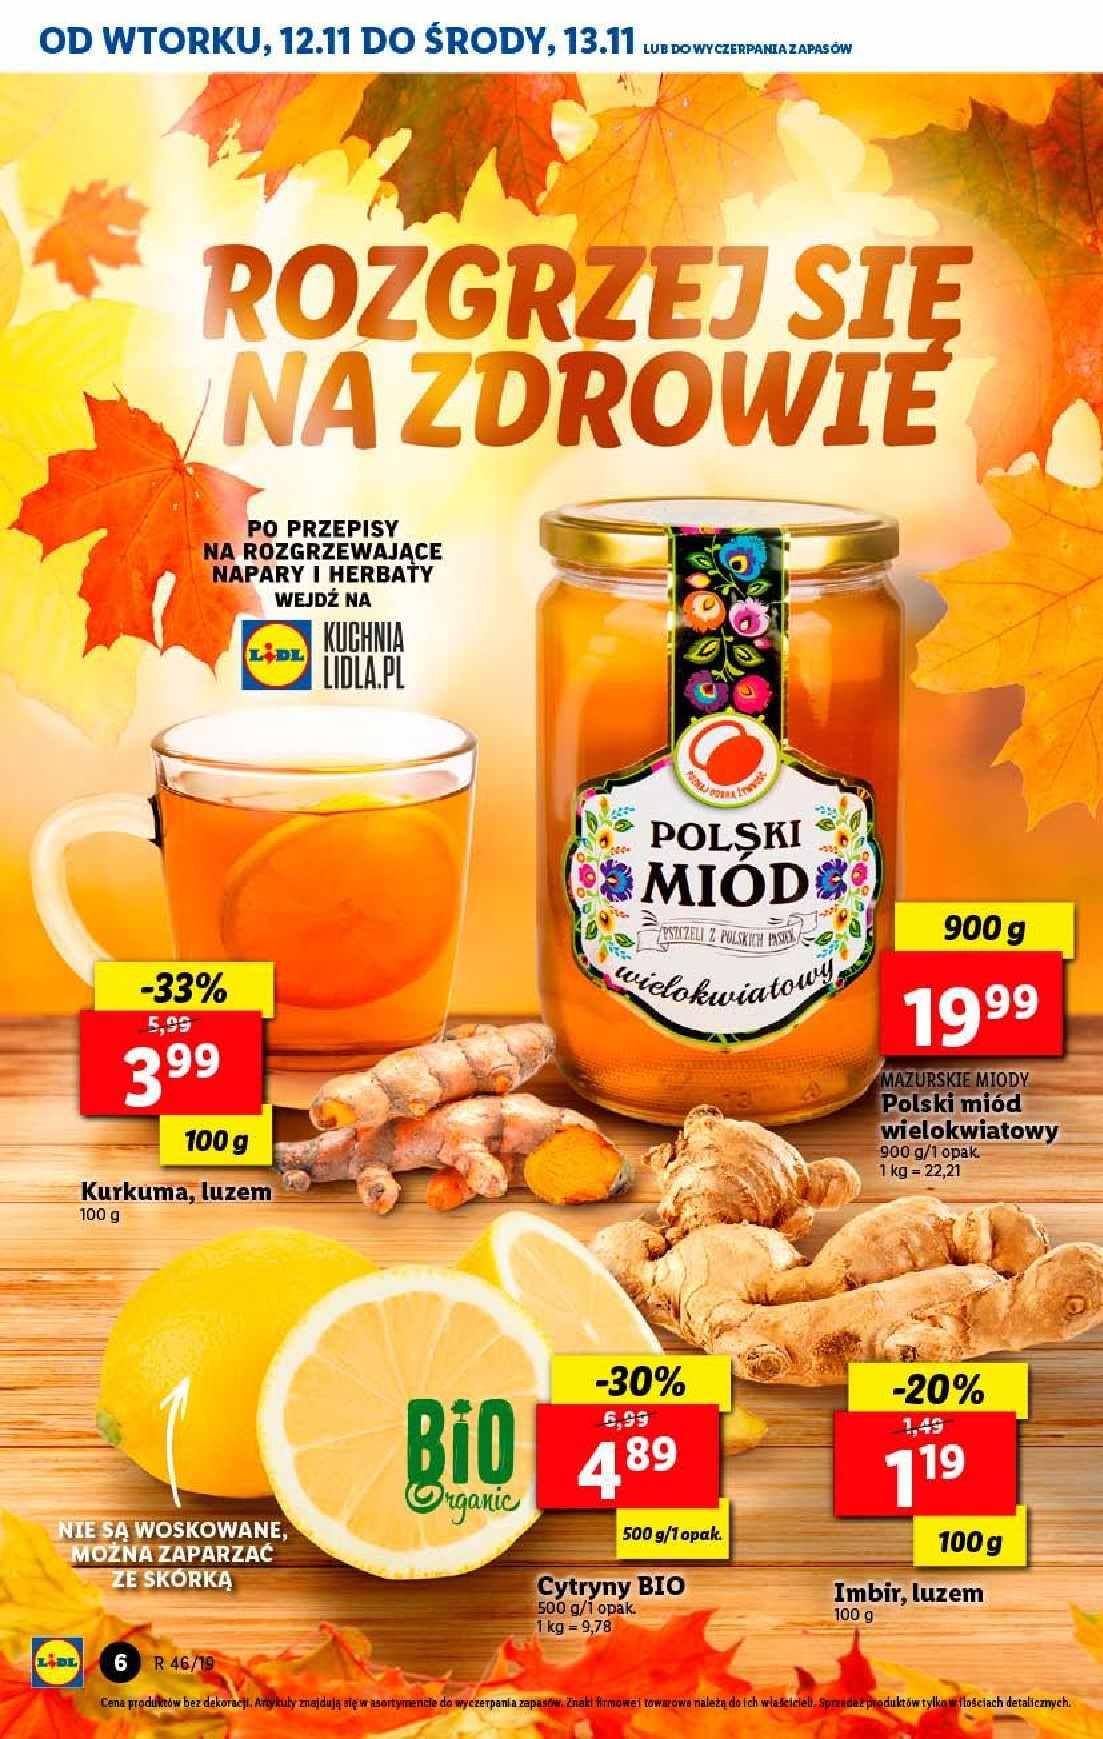 Gazetka promocyjna Lidl do 13/11/2019 str.6